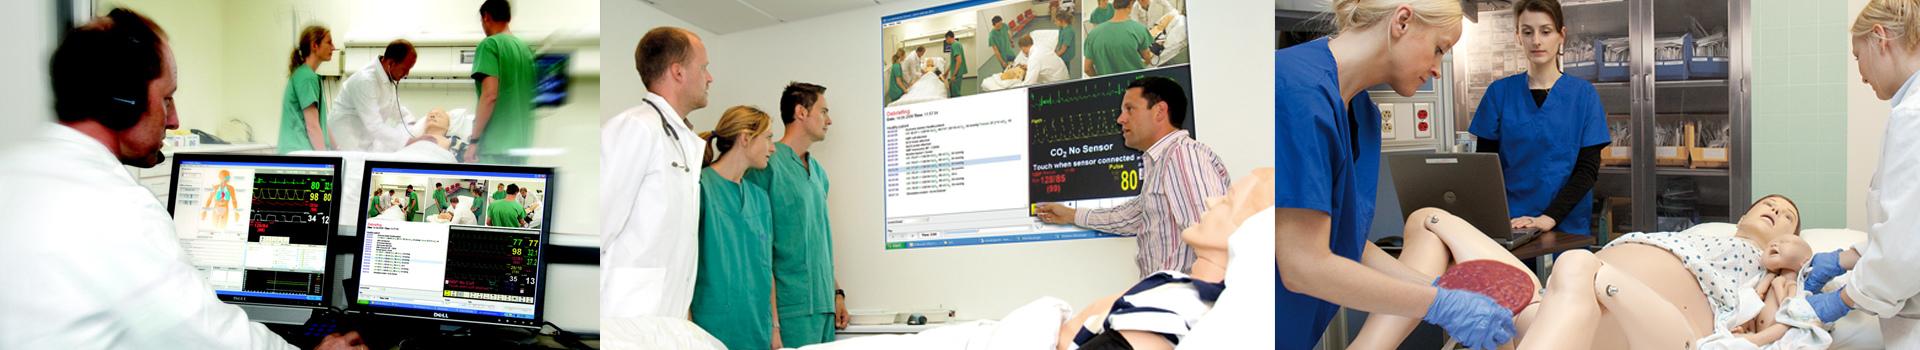 人体医学模型